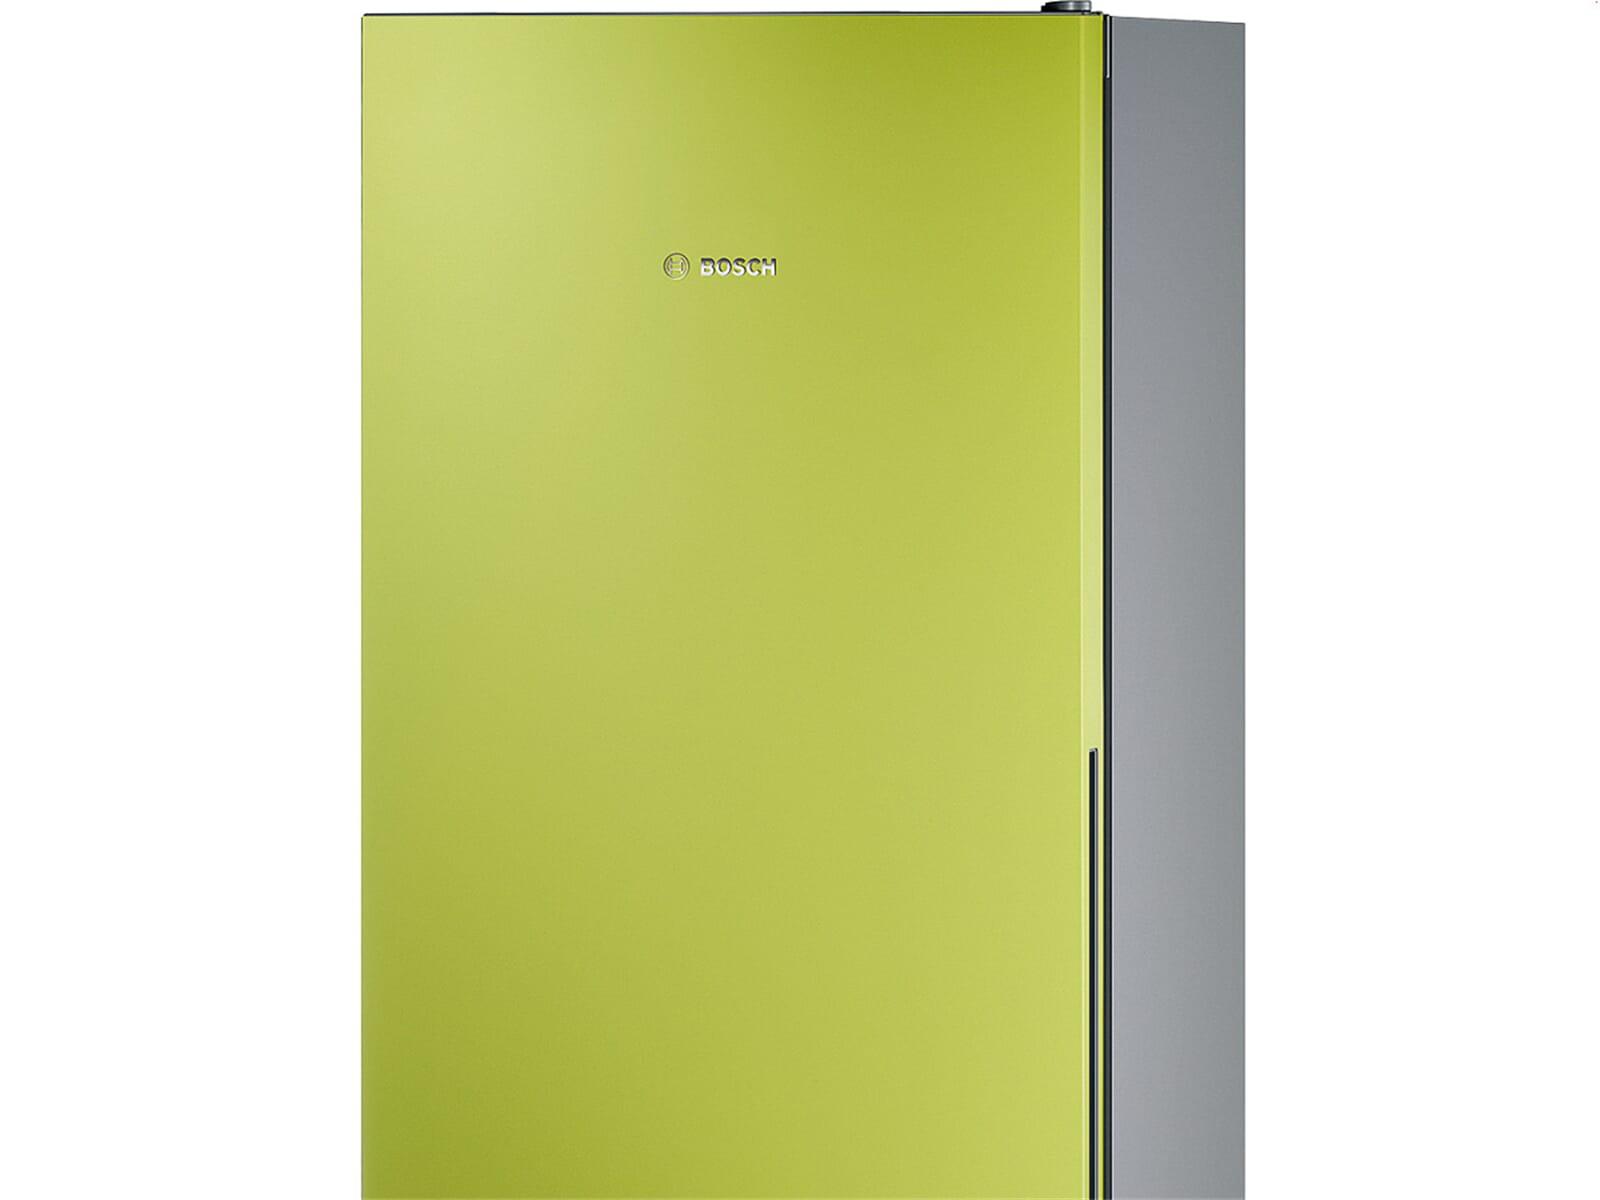 Bosch Kühlschrank Griff : Bosch kühlschrank griff locker siemens side by side kühlschrank